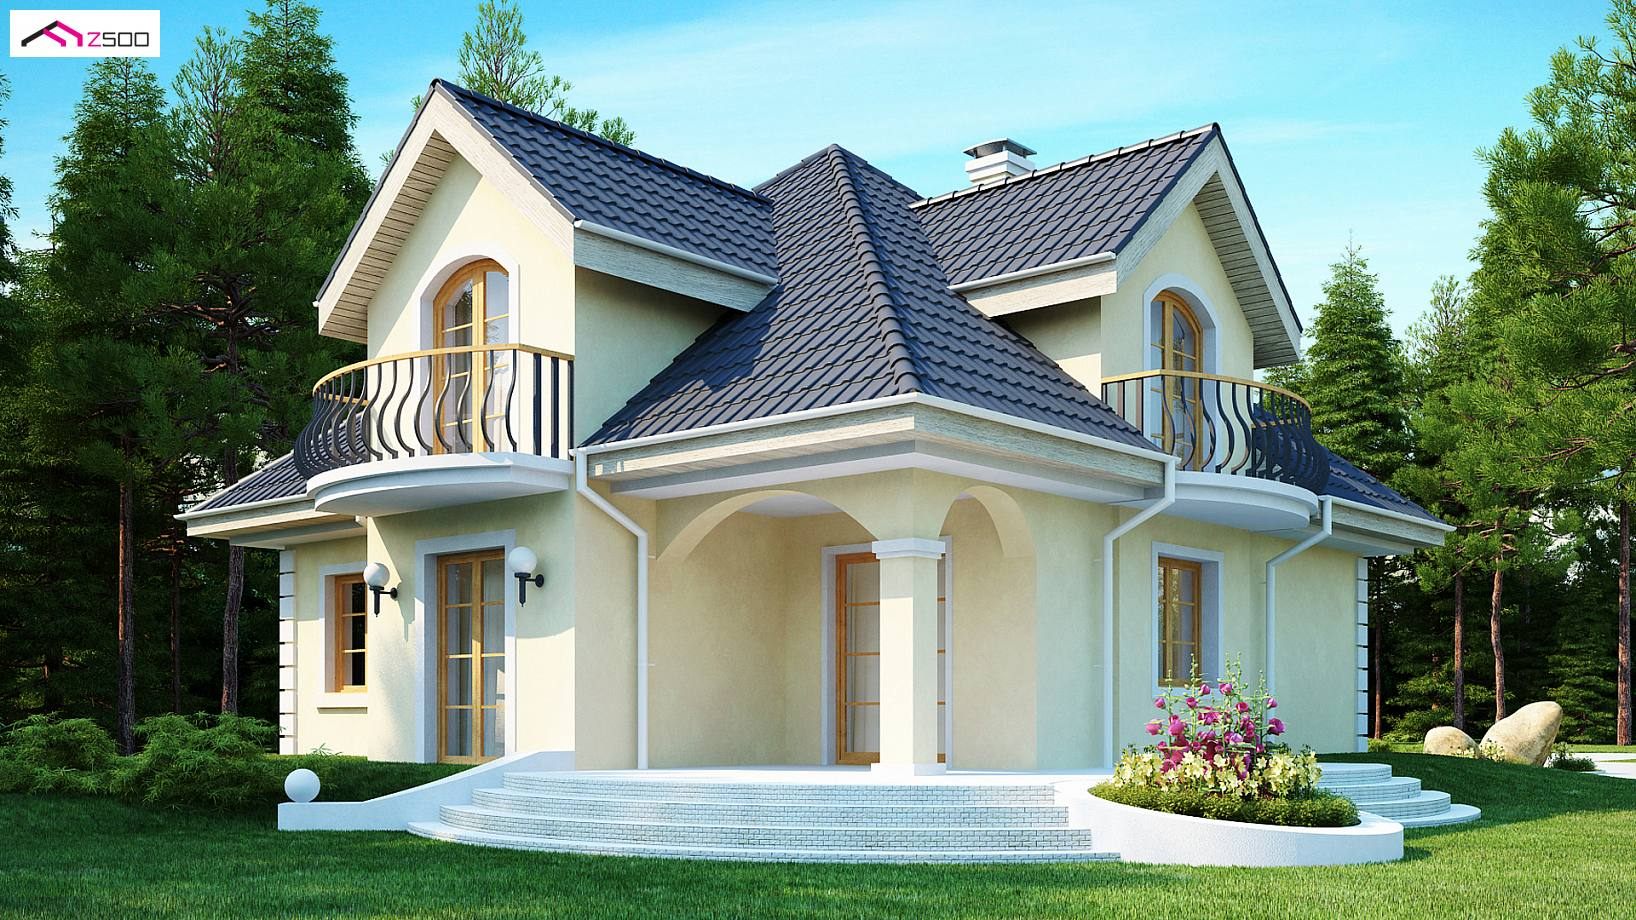 Projekt Domu Z27 Elegancki Dom W Klasycznym Stylu Ze